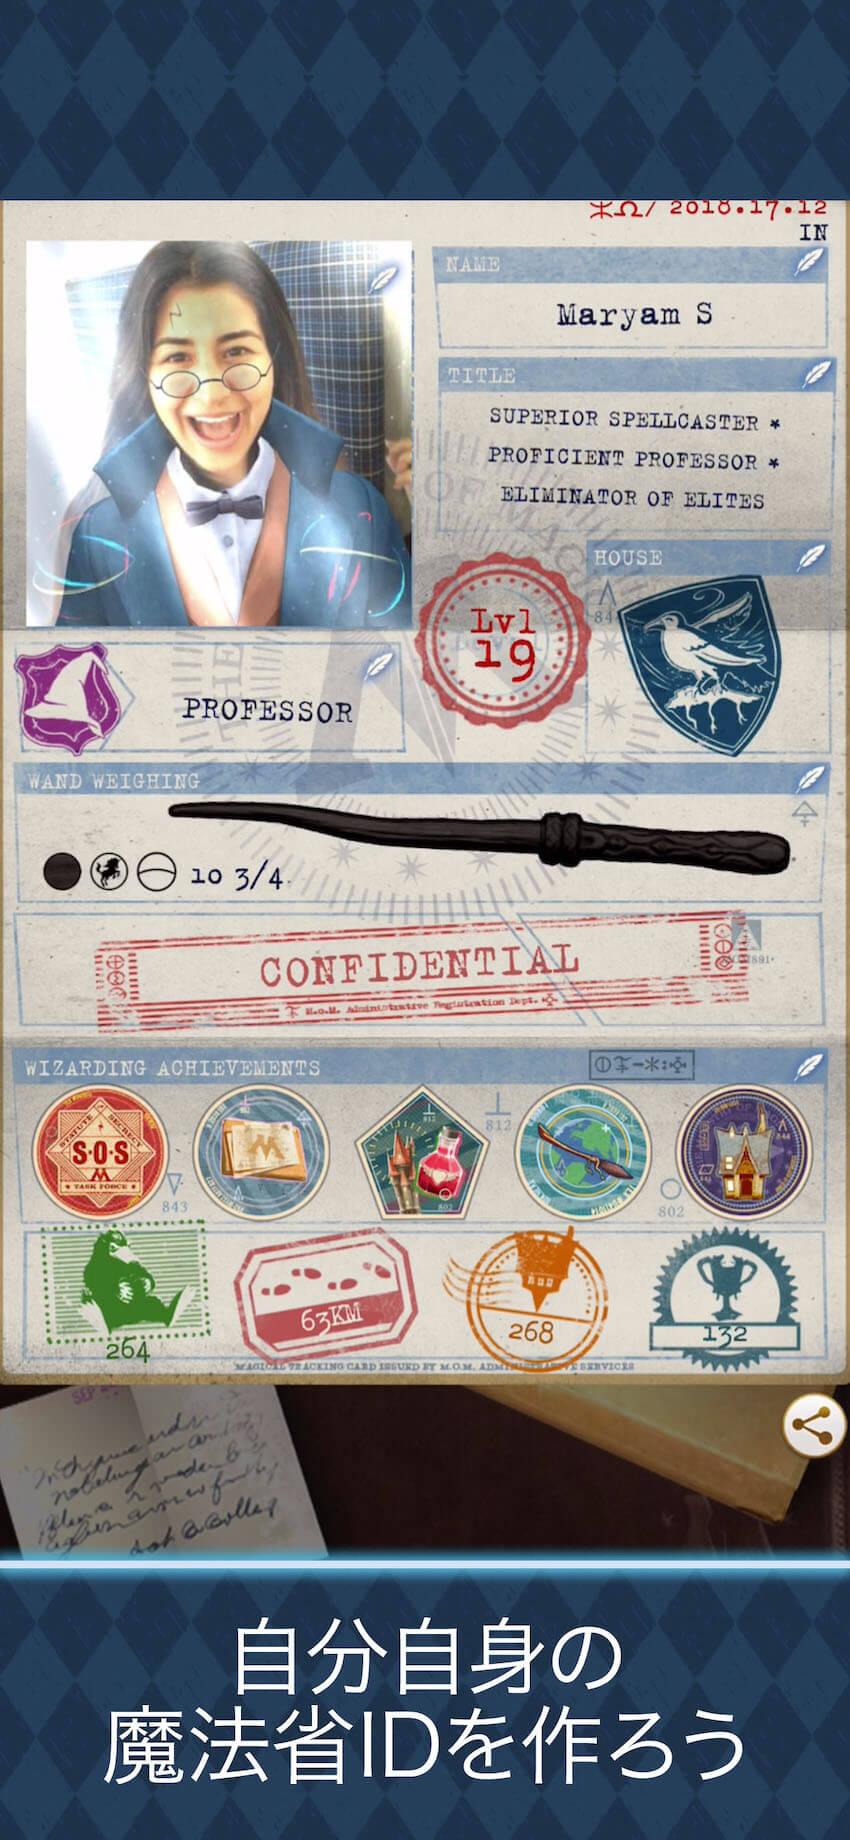 「ハリー・ポッター:魔法同盟」